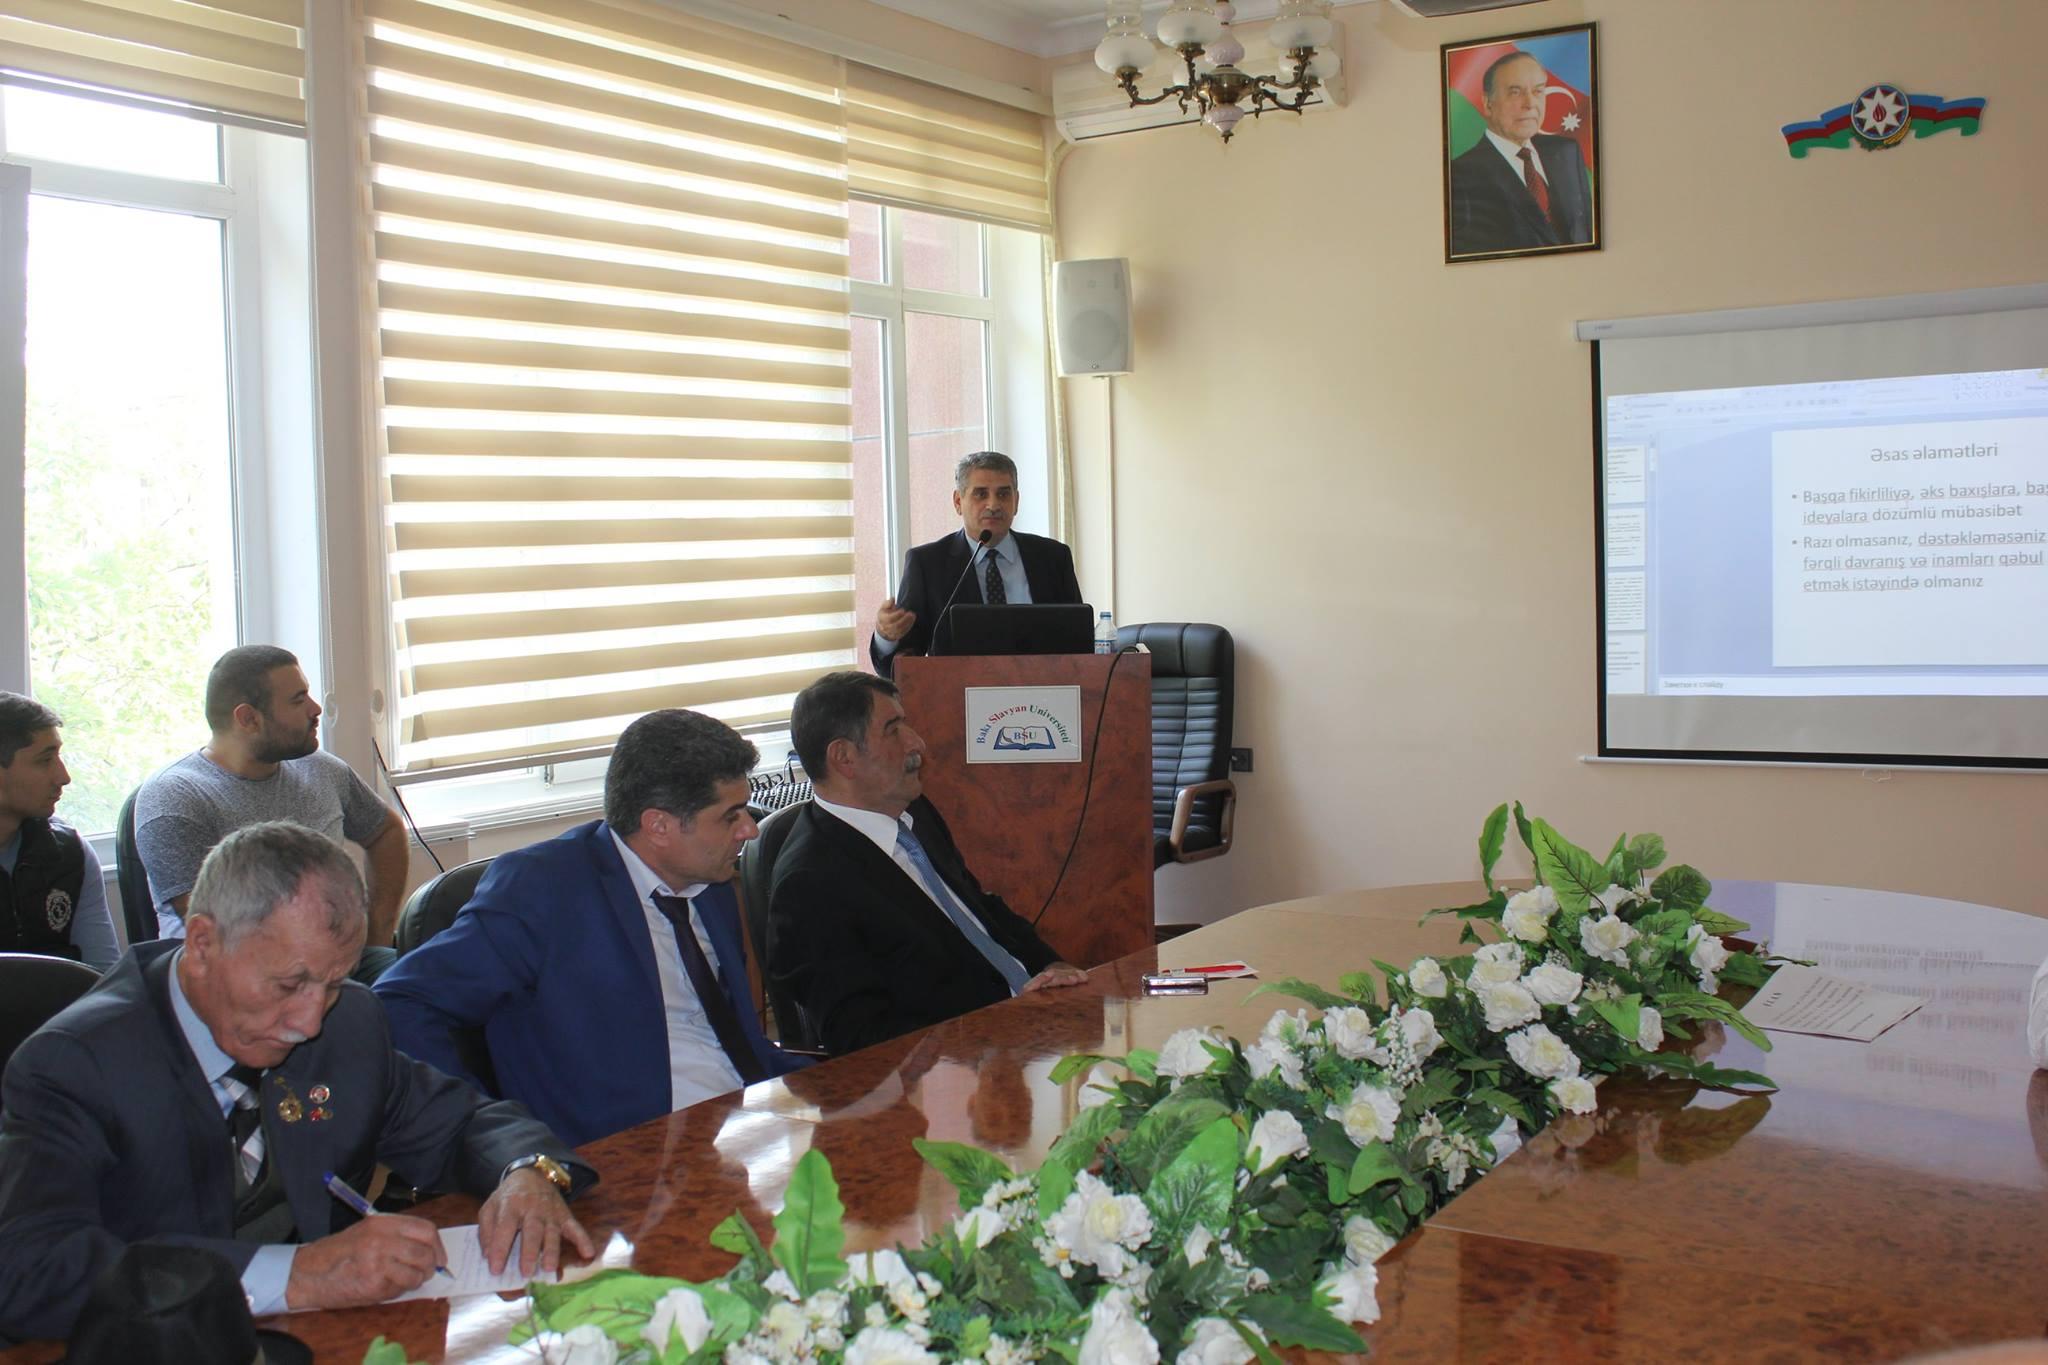 BSU-da islamda tolerantlıq mövzusunda seminar keçirilib